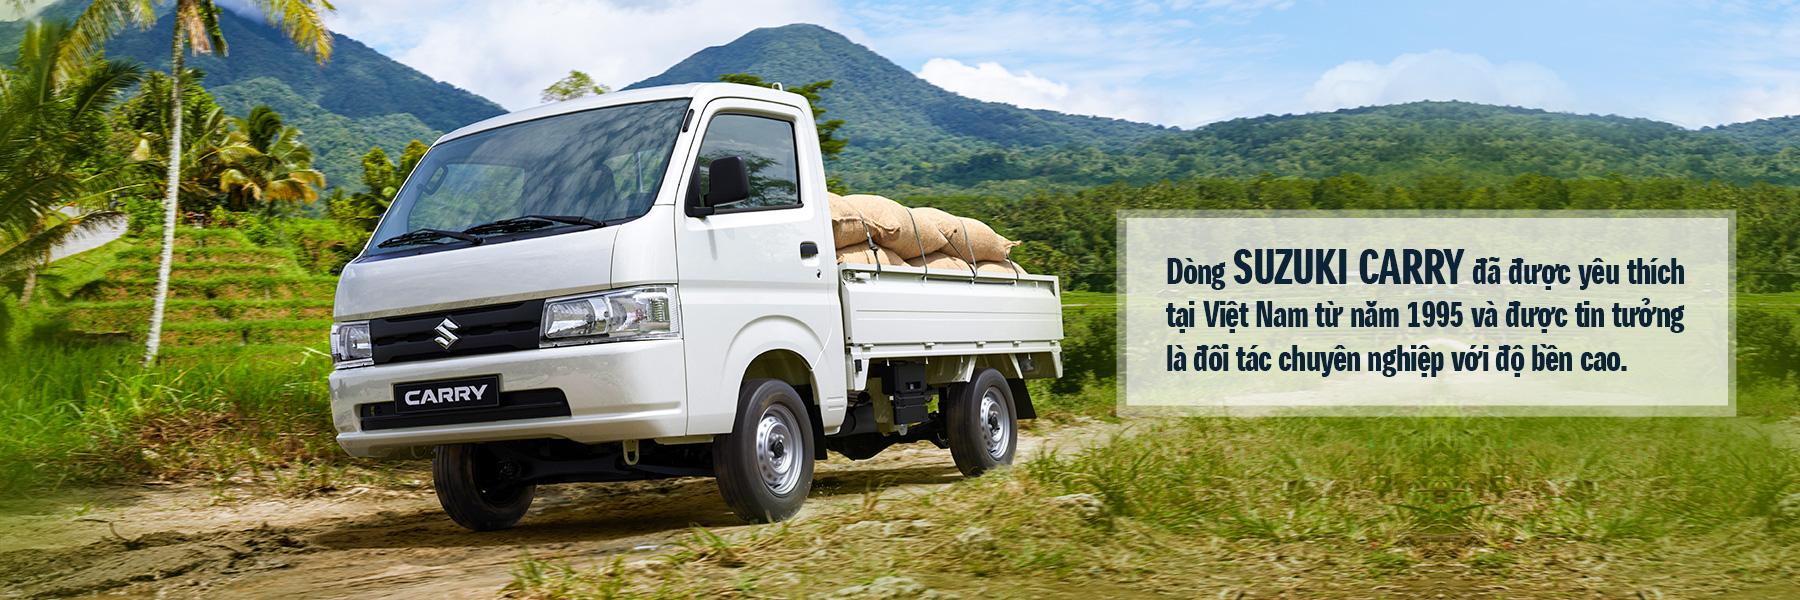 Giá xe Suzuki Carry Pro tại Suzuki Hồng Phương có nhiều ưu đãi đặc biệt